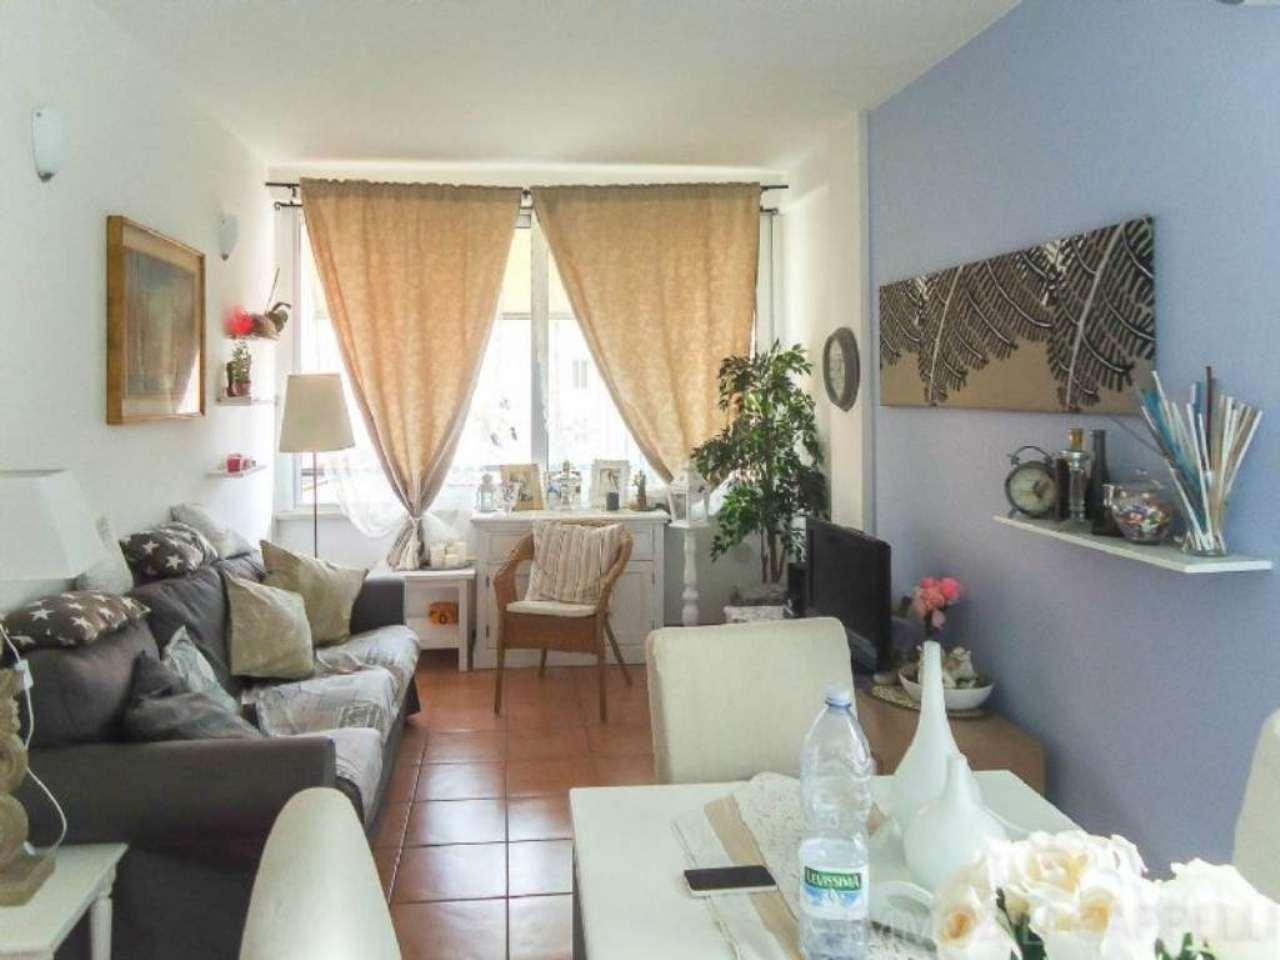 Appartamento in vendita a Cesena, 2 locali, prezzo € 125.000 | CambioCasa.it